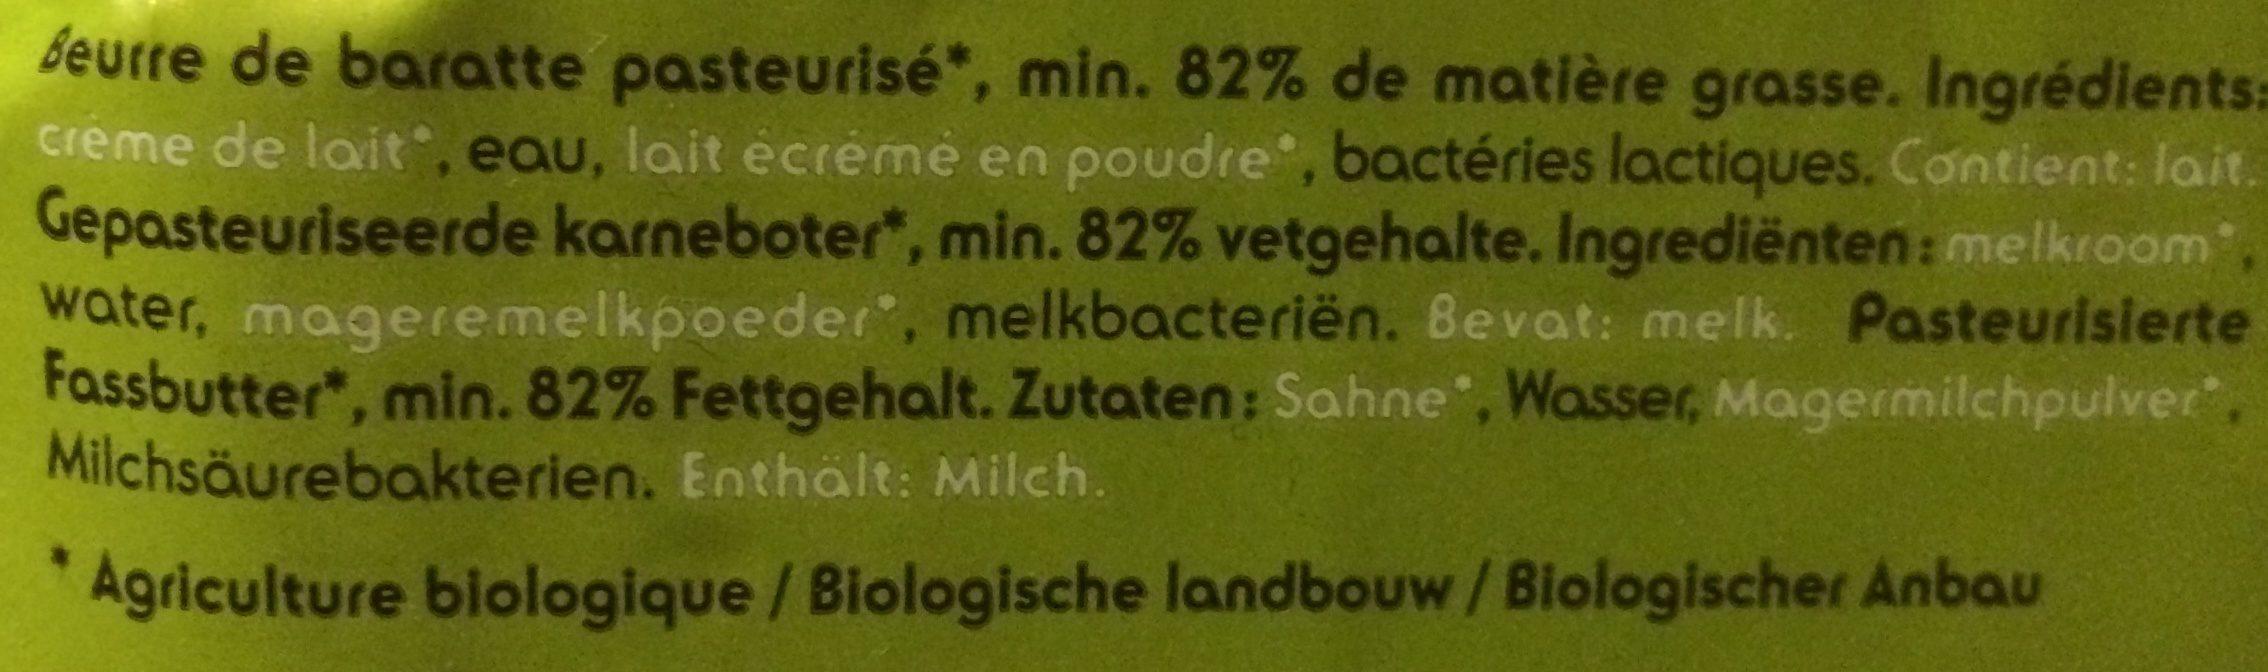 Beurre de Baratte - Ingrédients